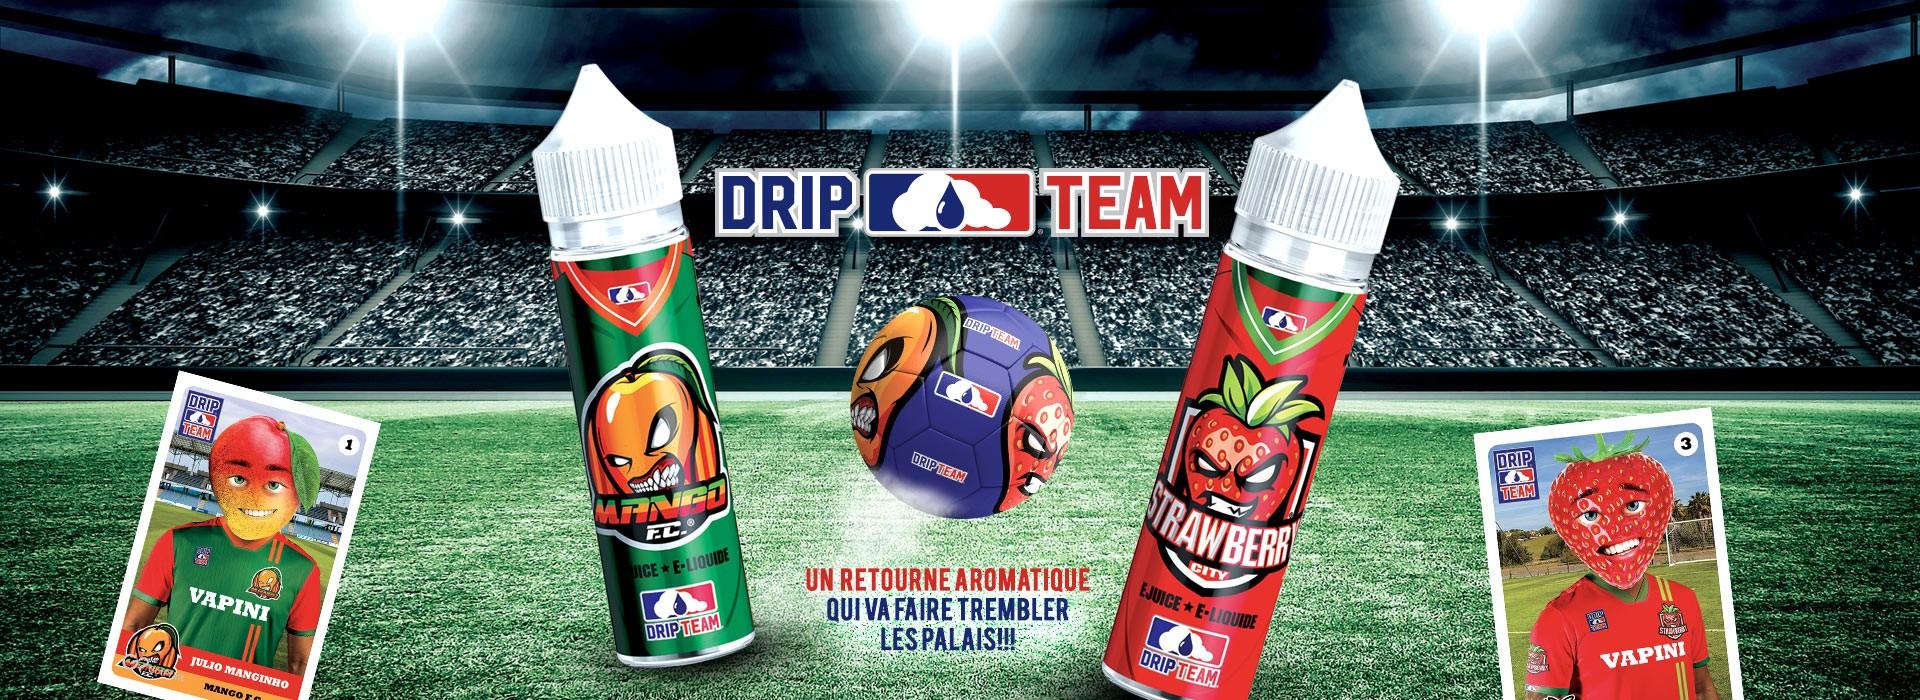 DripTeam™ : un retourné aromatique qui va faire trembler les palais !